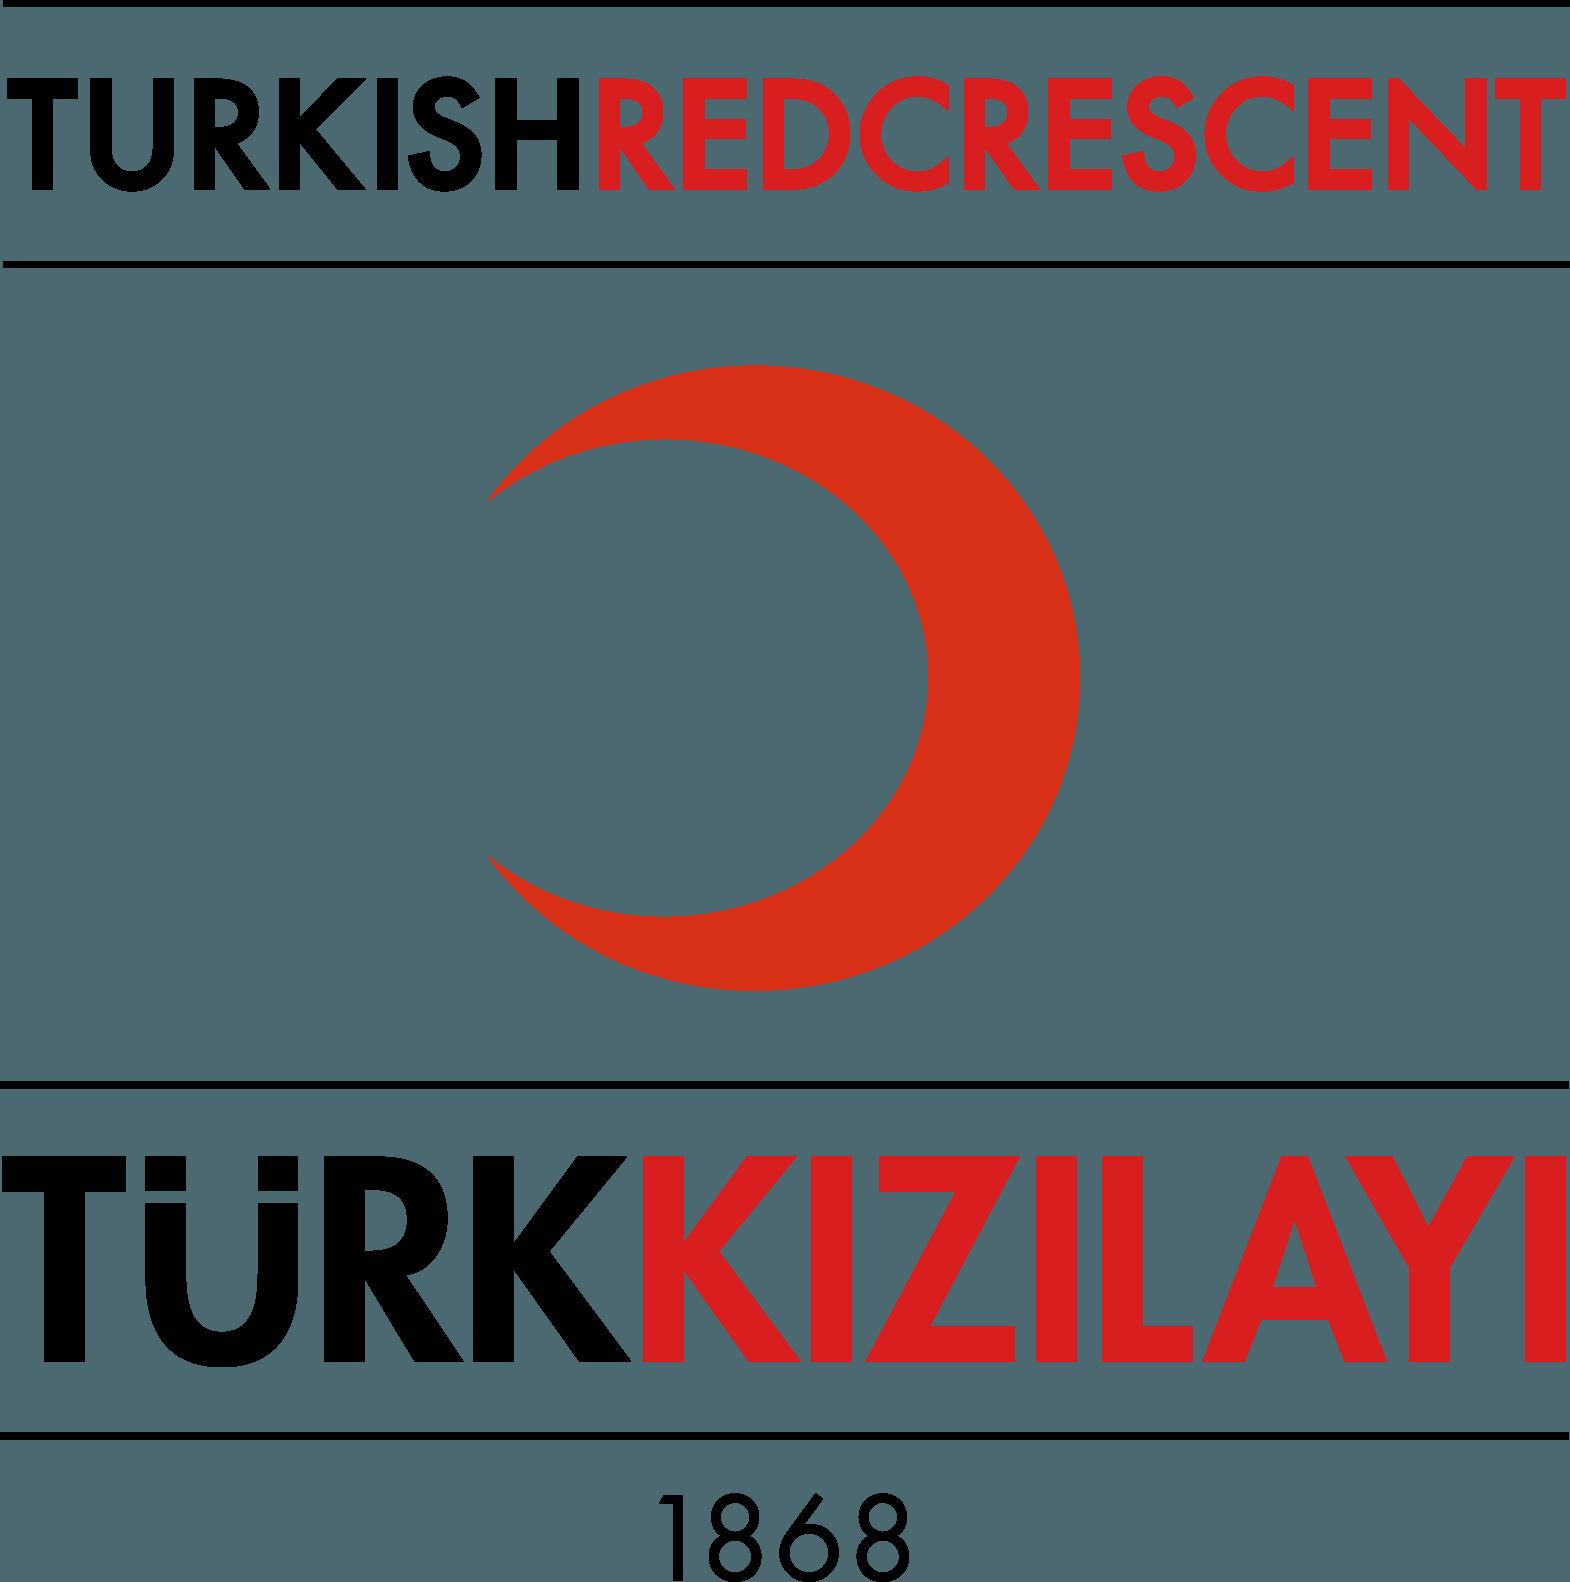 turkishredcrescent-logo